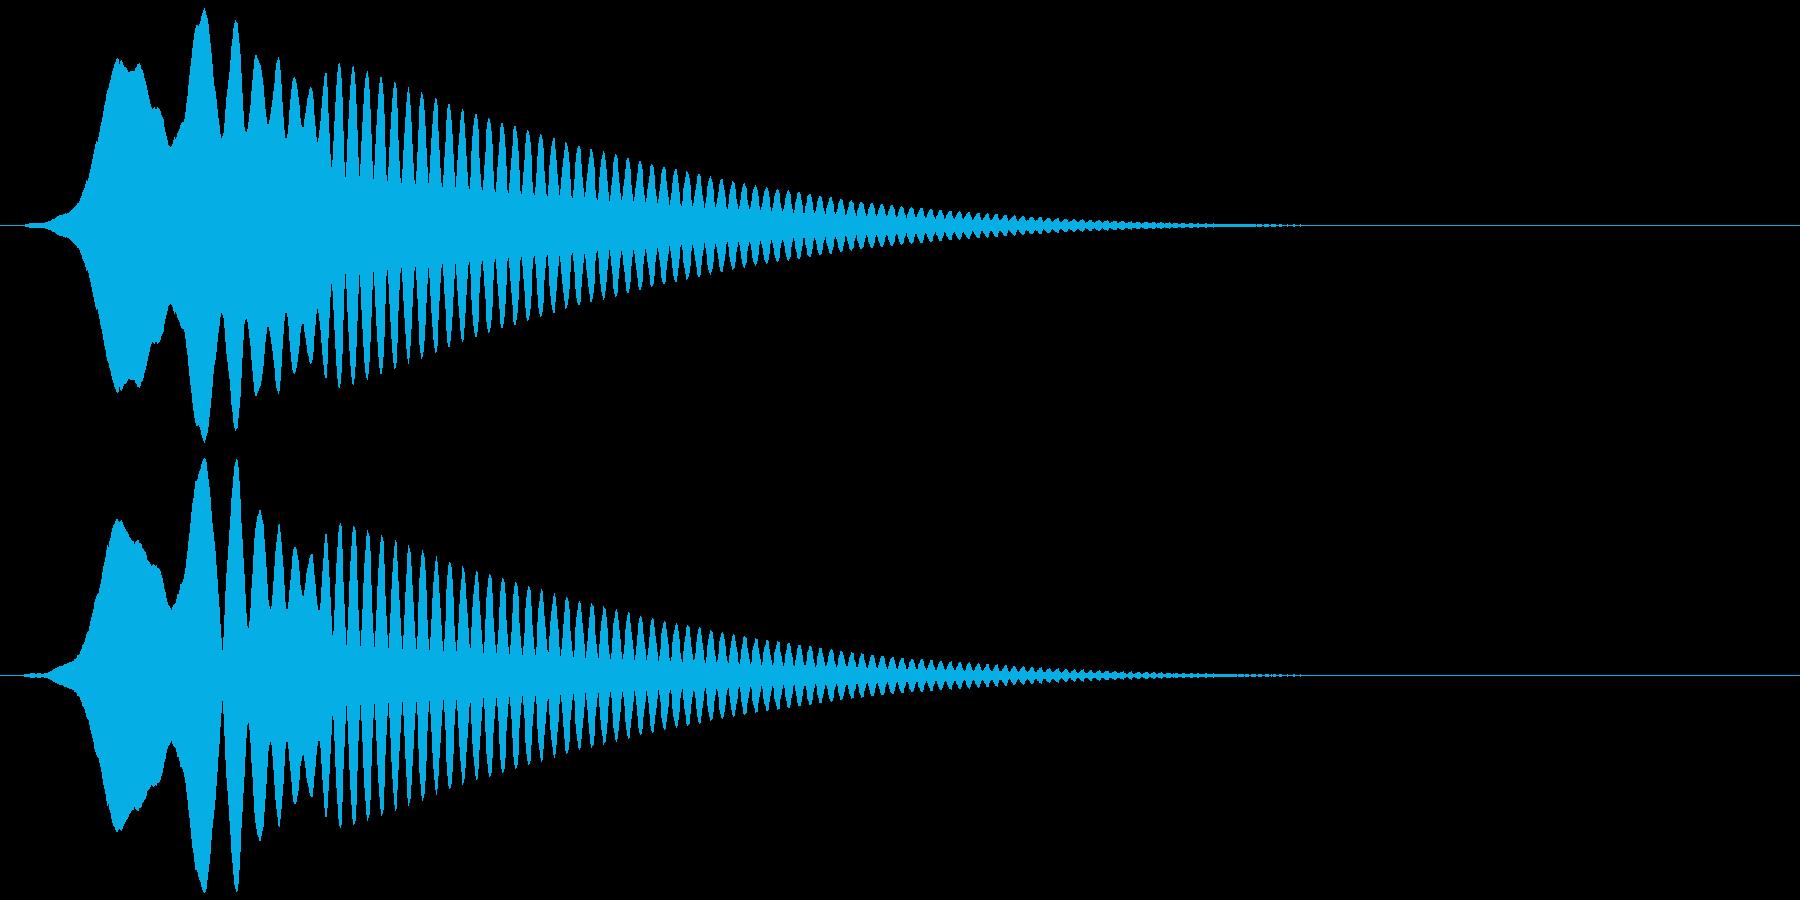 ジャンプ (ヒィィン)の再生済みの波形